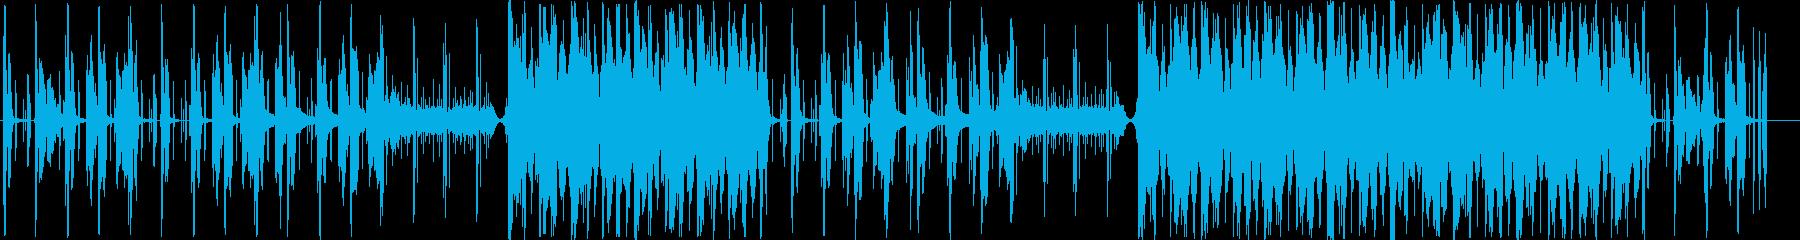 チルアウト R&B トラップの再生済みの波形